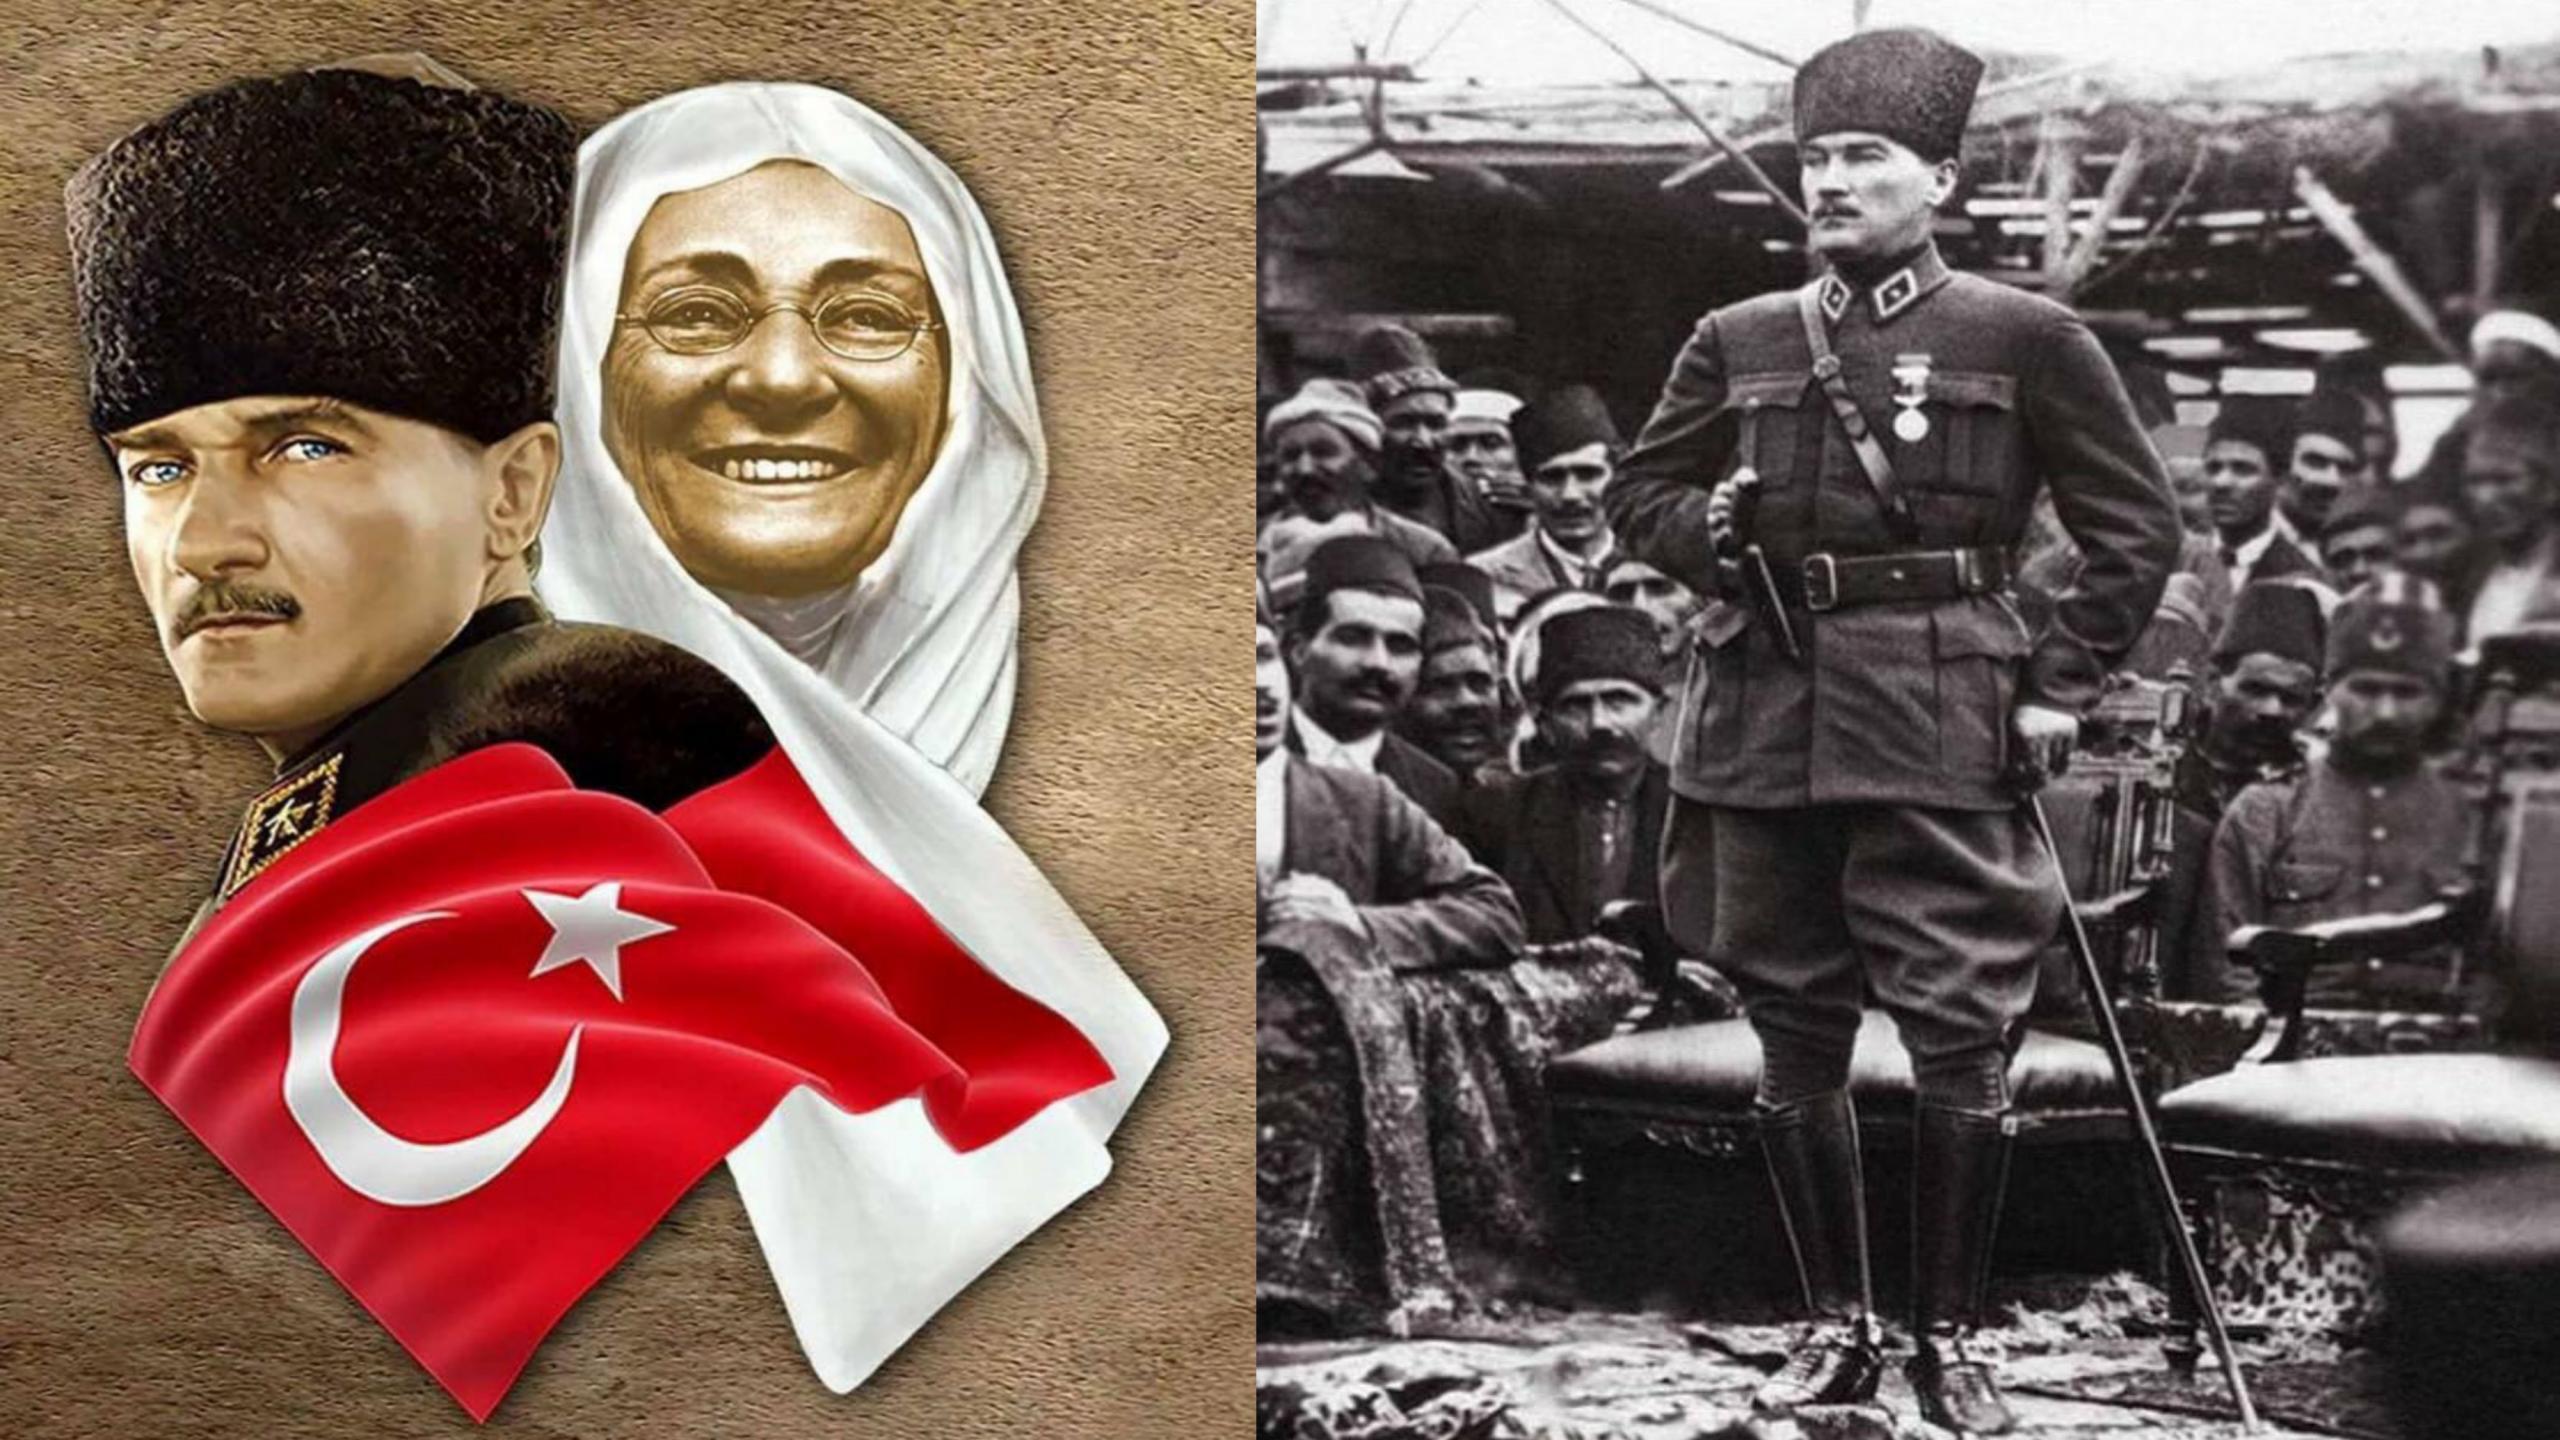 BİR ANNE EVLAT YETİŞTİRİR !! BAĞIMSIZLIK SAVAŞINI KAZANIR !!